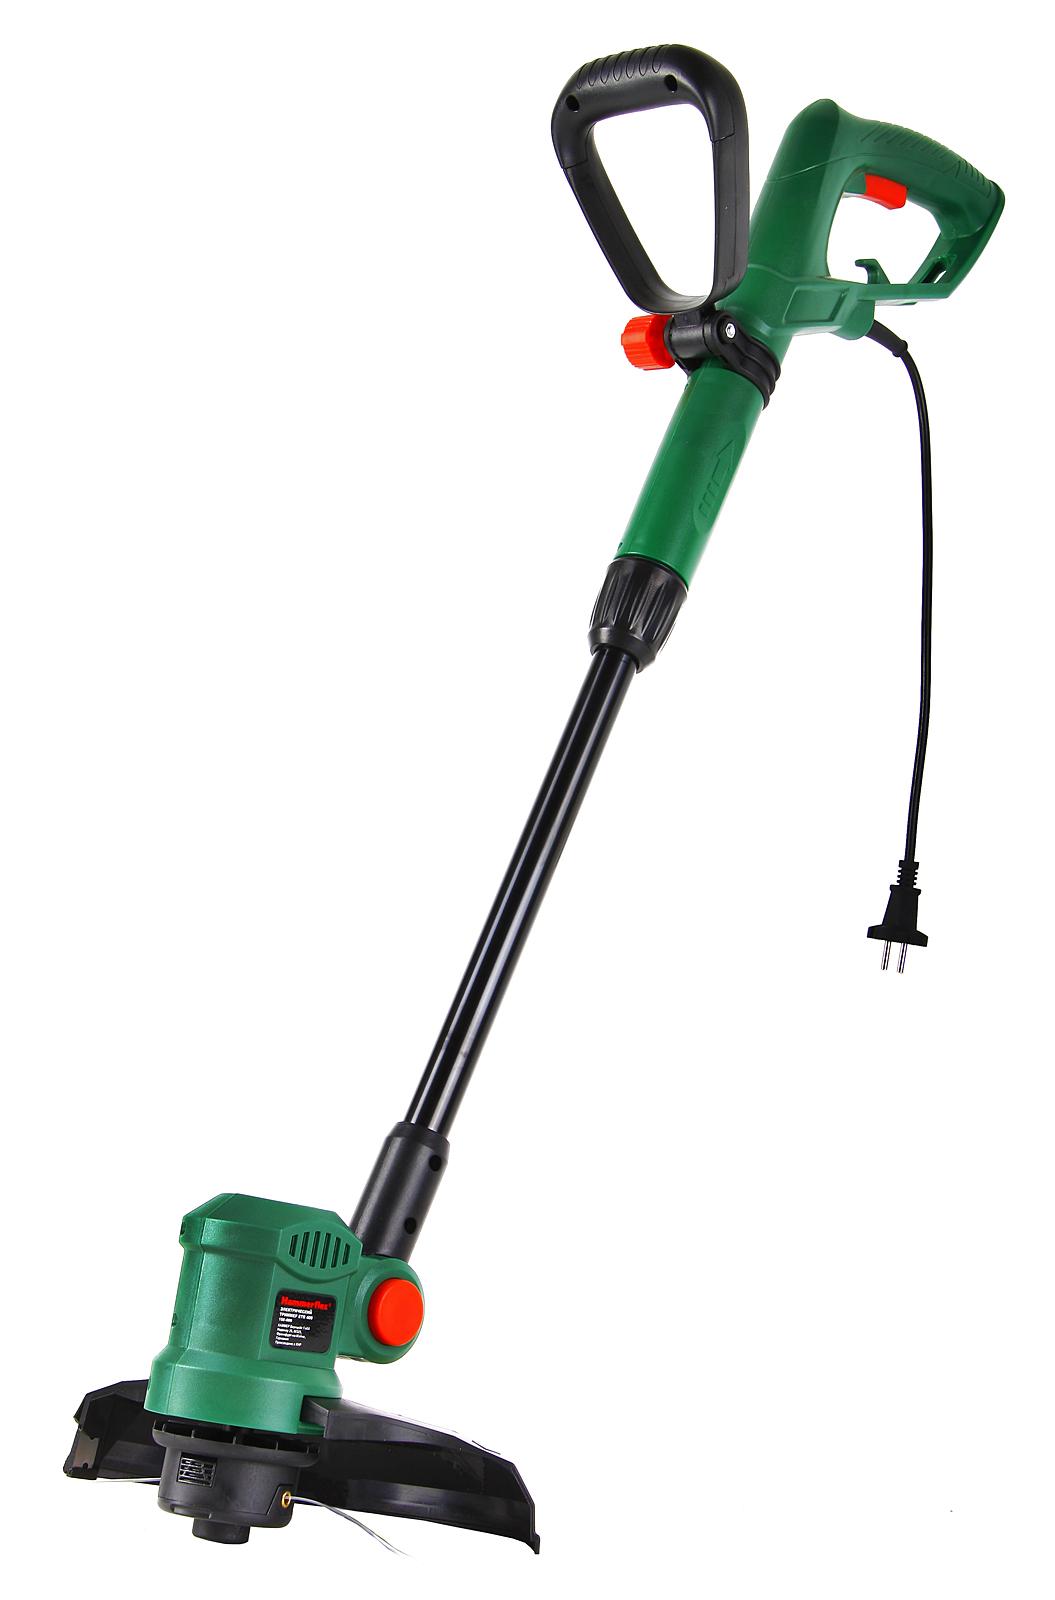 Триммер Hammer Etr400 hammerflex - это правильное приобретение. Потому что приобрести товары бренда Hammer - это быстро и цена нормальная.